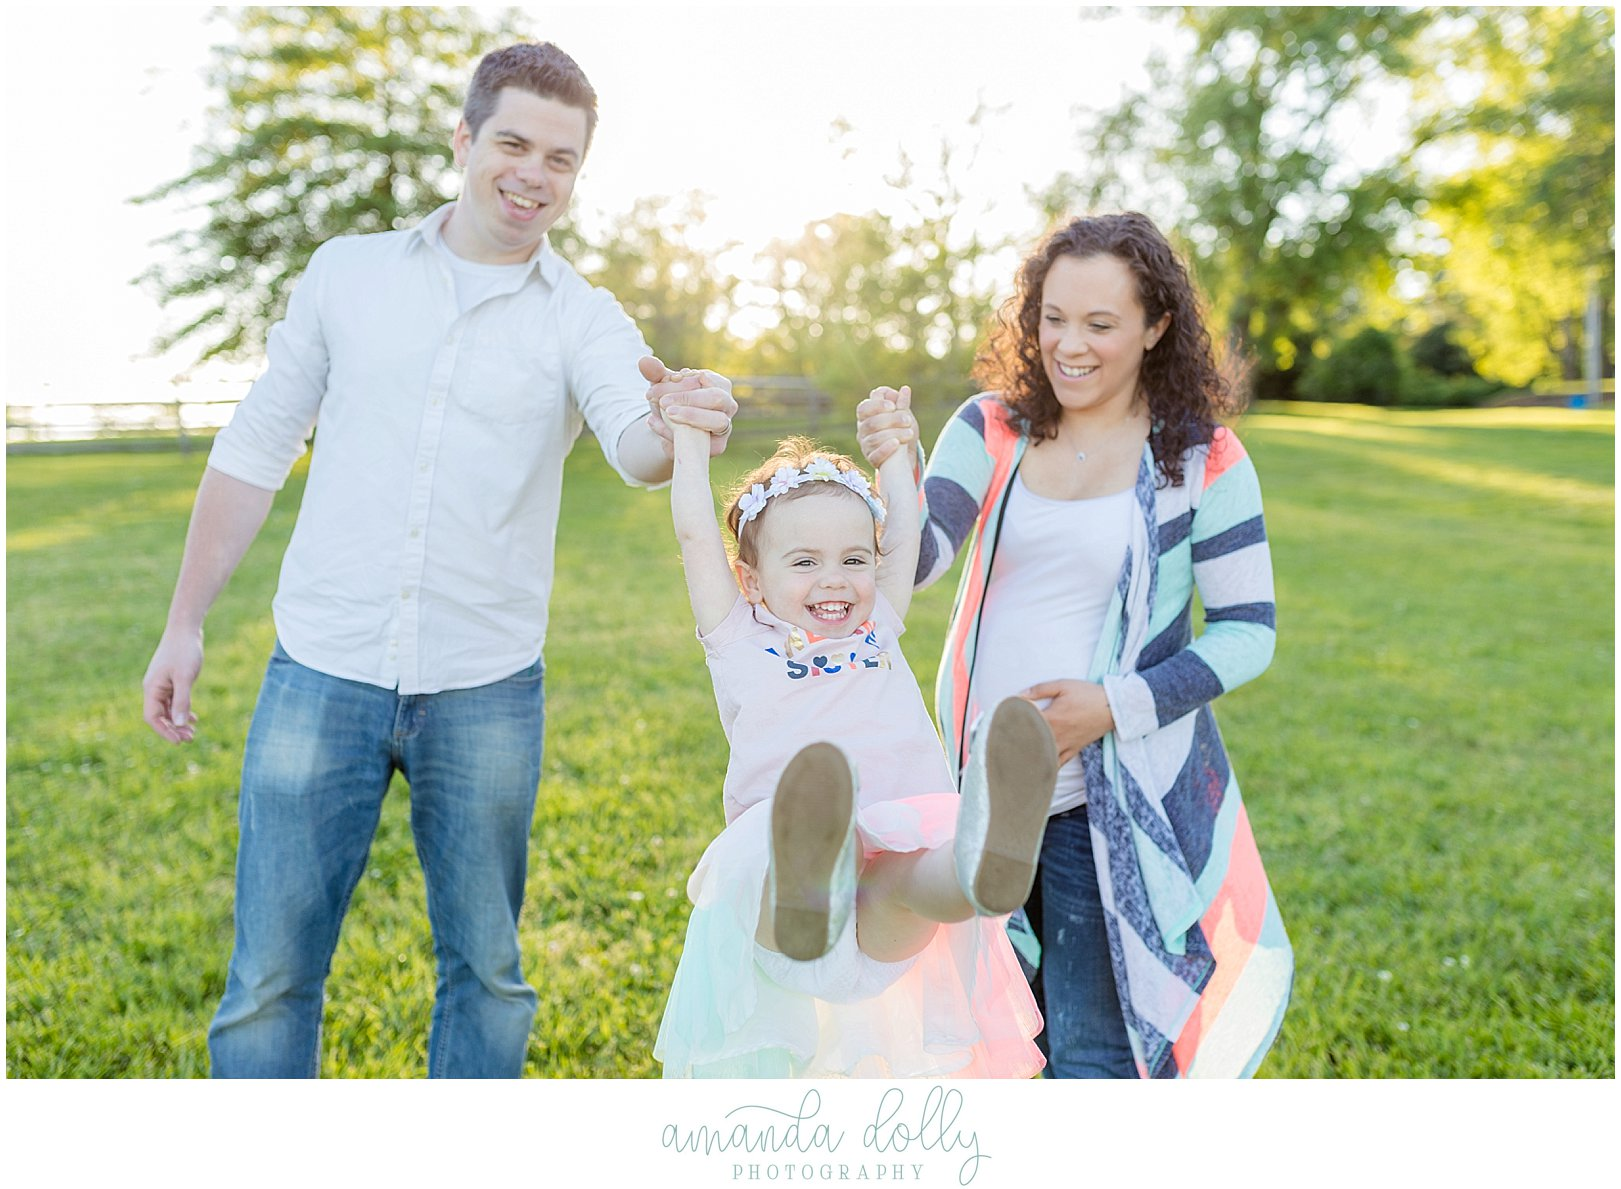 Bayonet Farm Family Photography